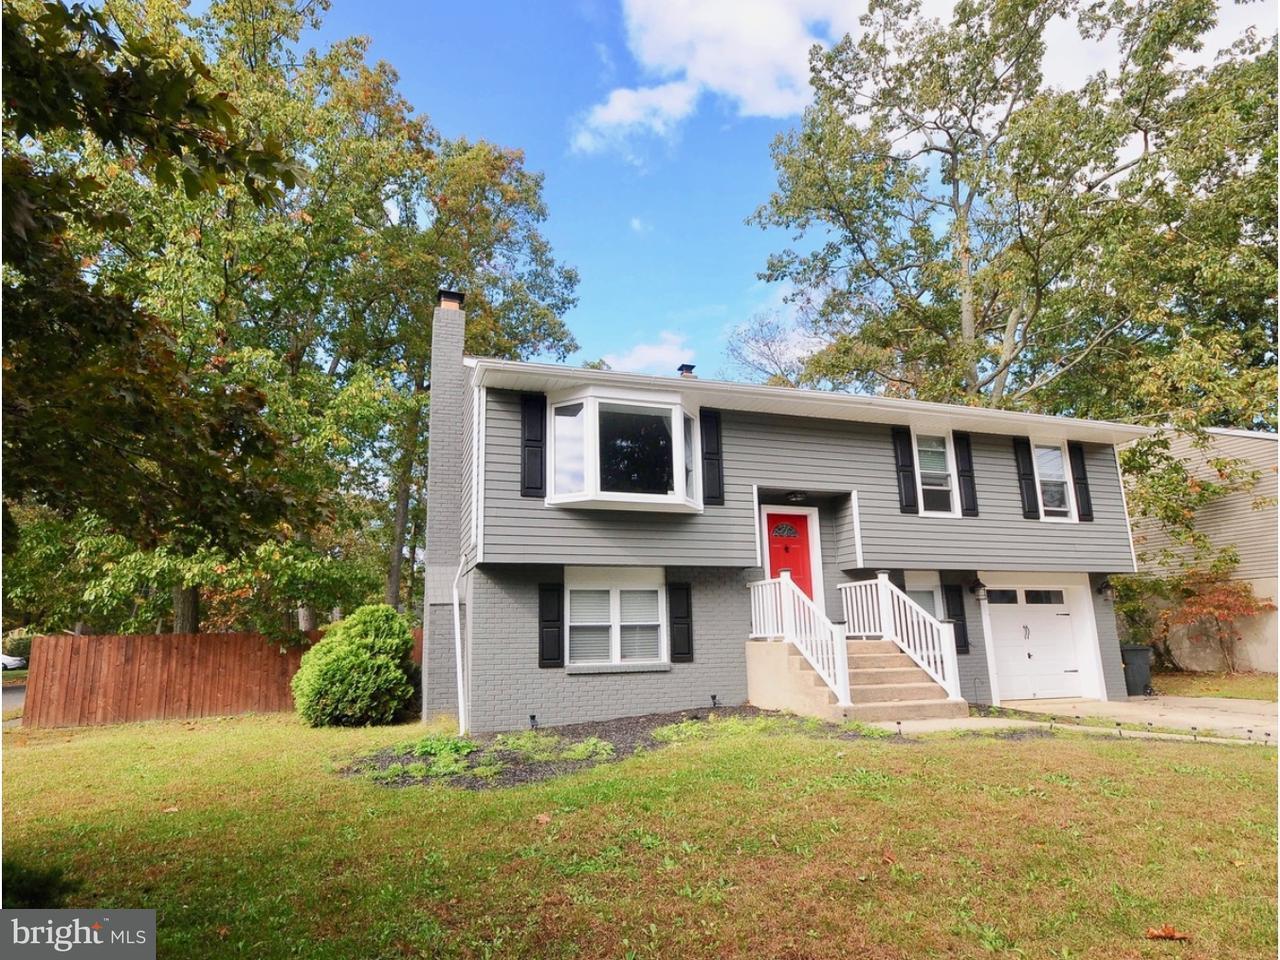 Maison unifamiliale pour l Vente à 614 KAYSER Avenue Pine Hill, New Jersey 08021 États-Unis